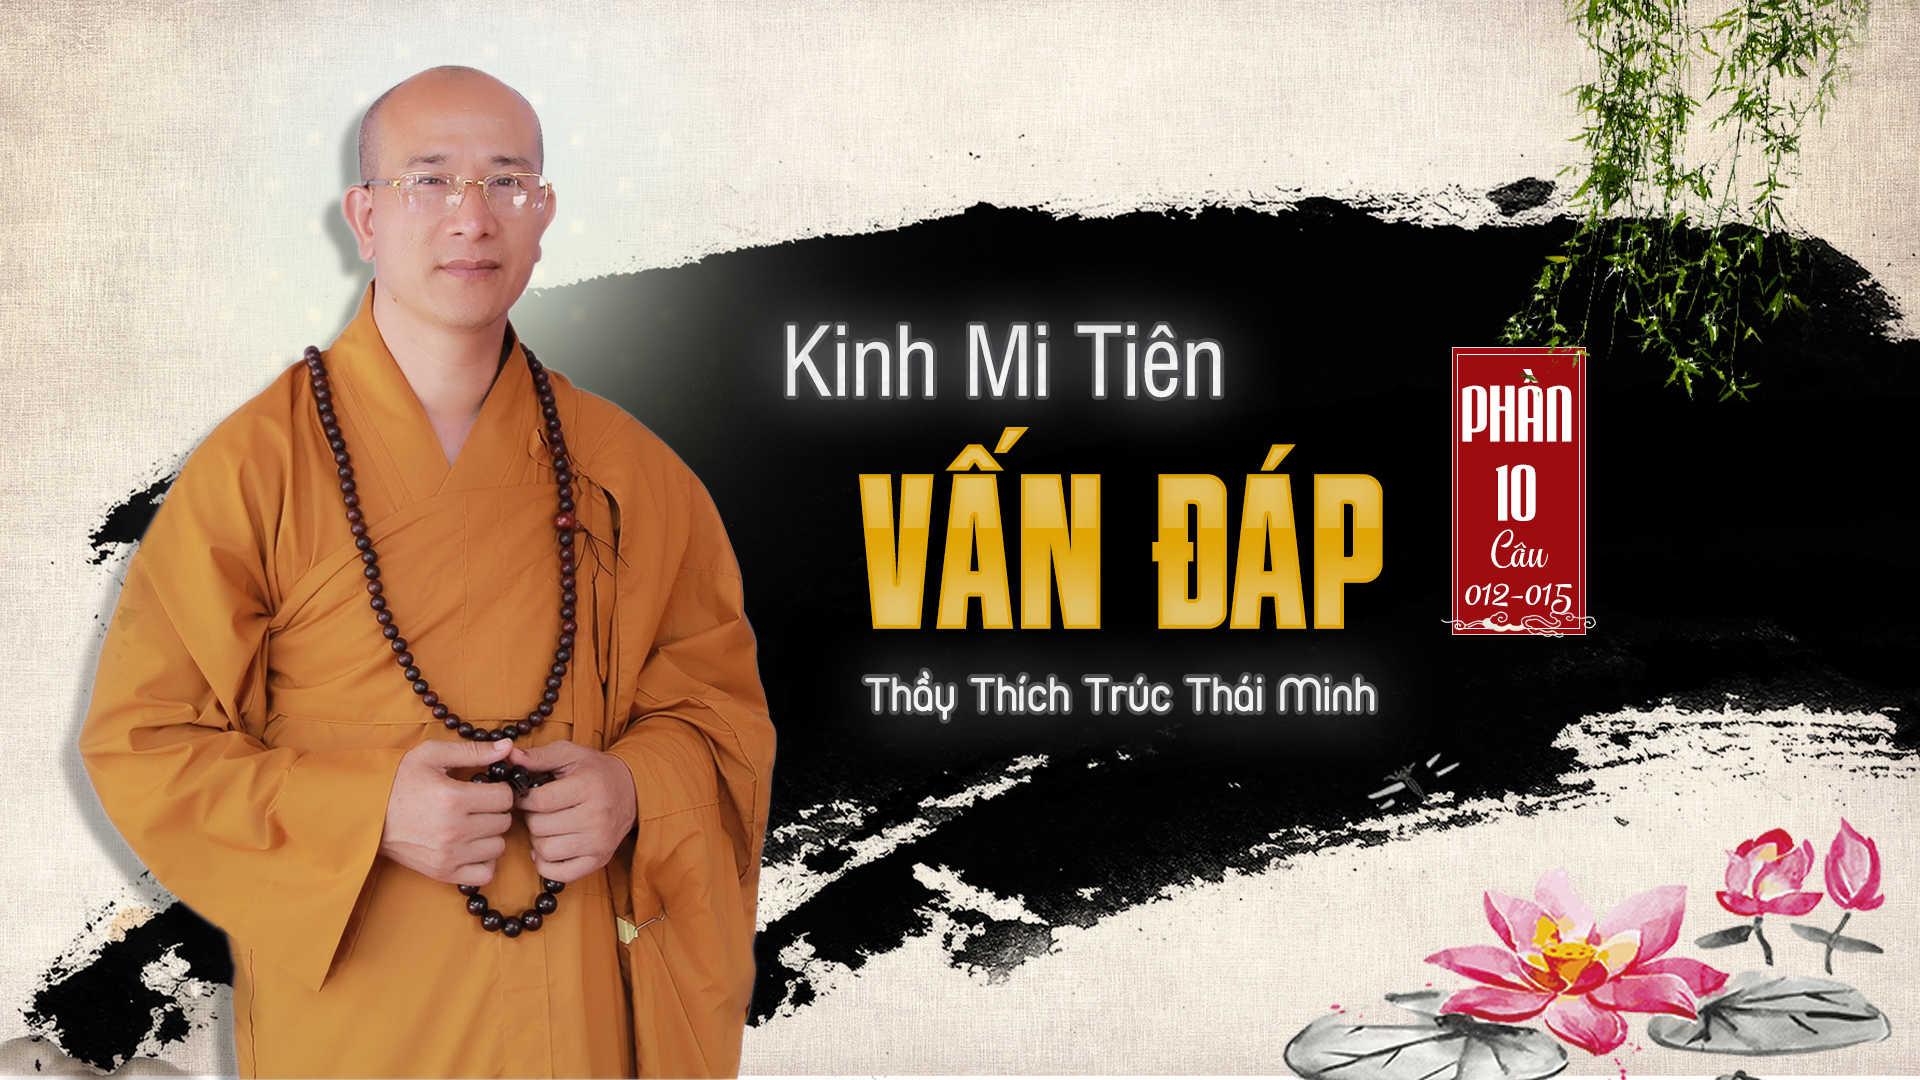 Kinh mi tiên vấn đáp phần 10 Thầy Thích Trúc Thái Minh chùa Ba Vàng.